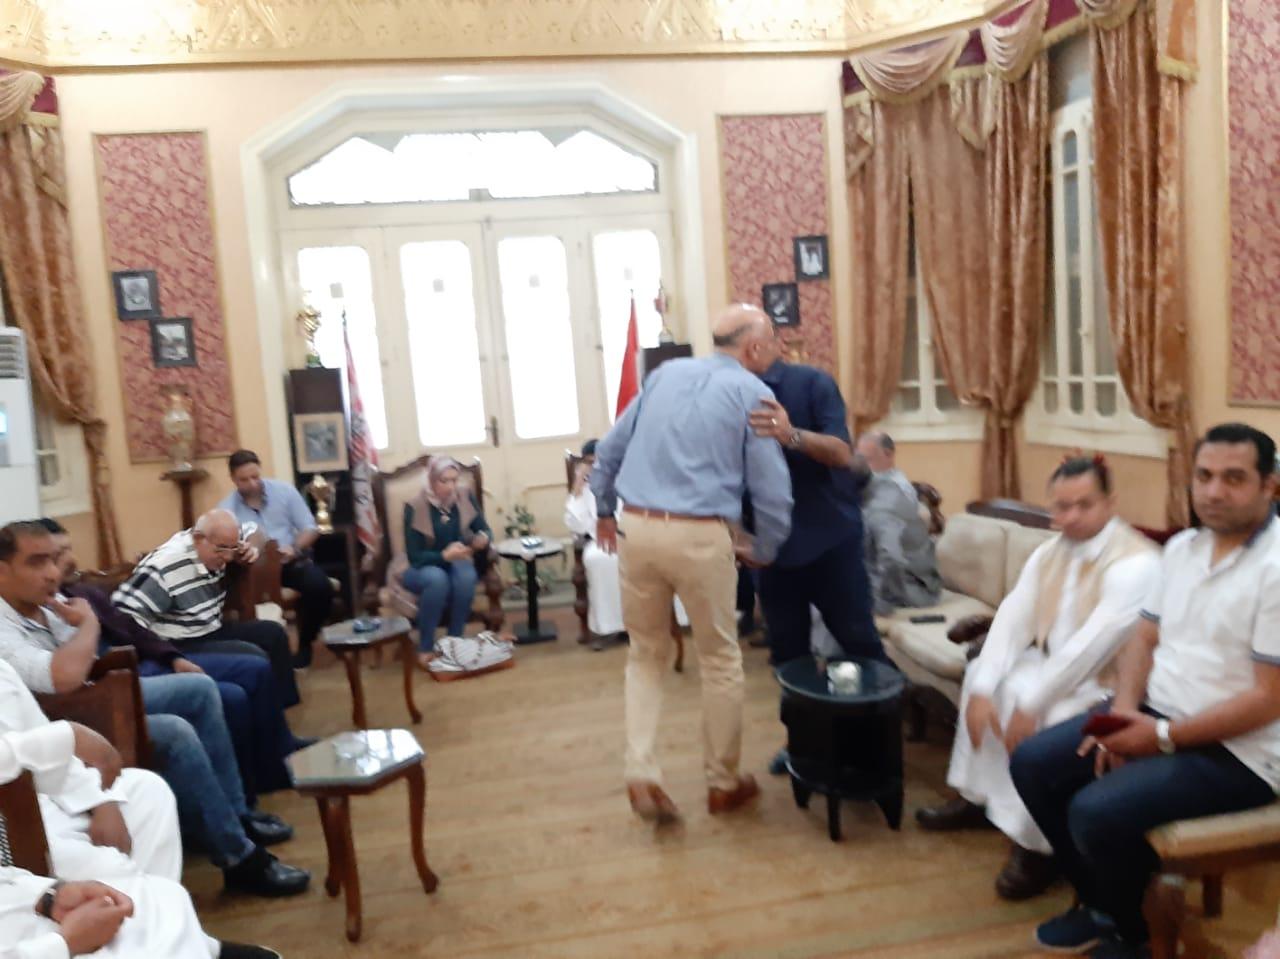 مجلس الجبلاية واعضاء الجمعية العمومية في افطار الشامي بالمحلة (8)